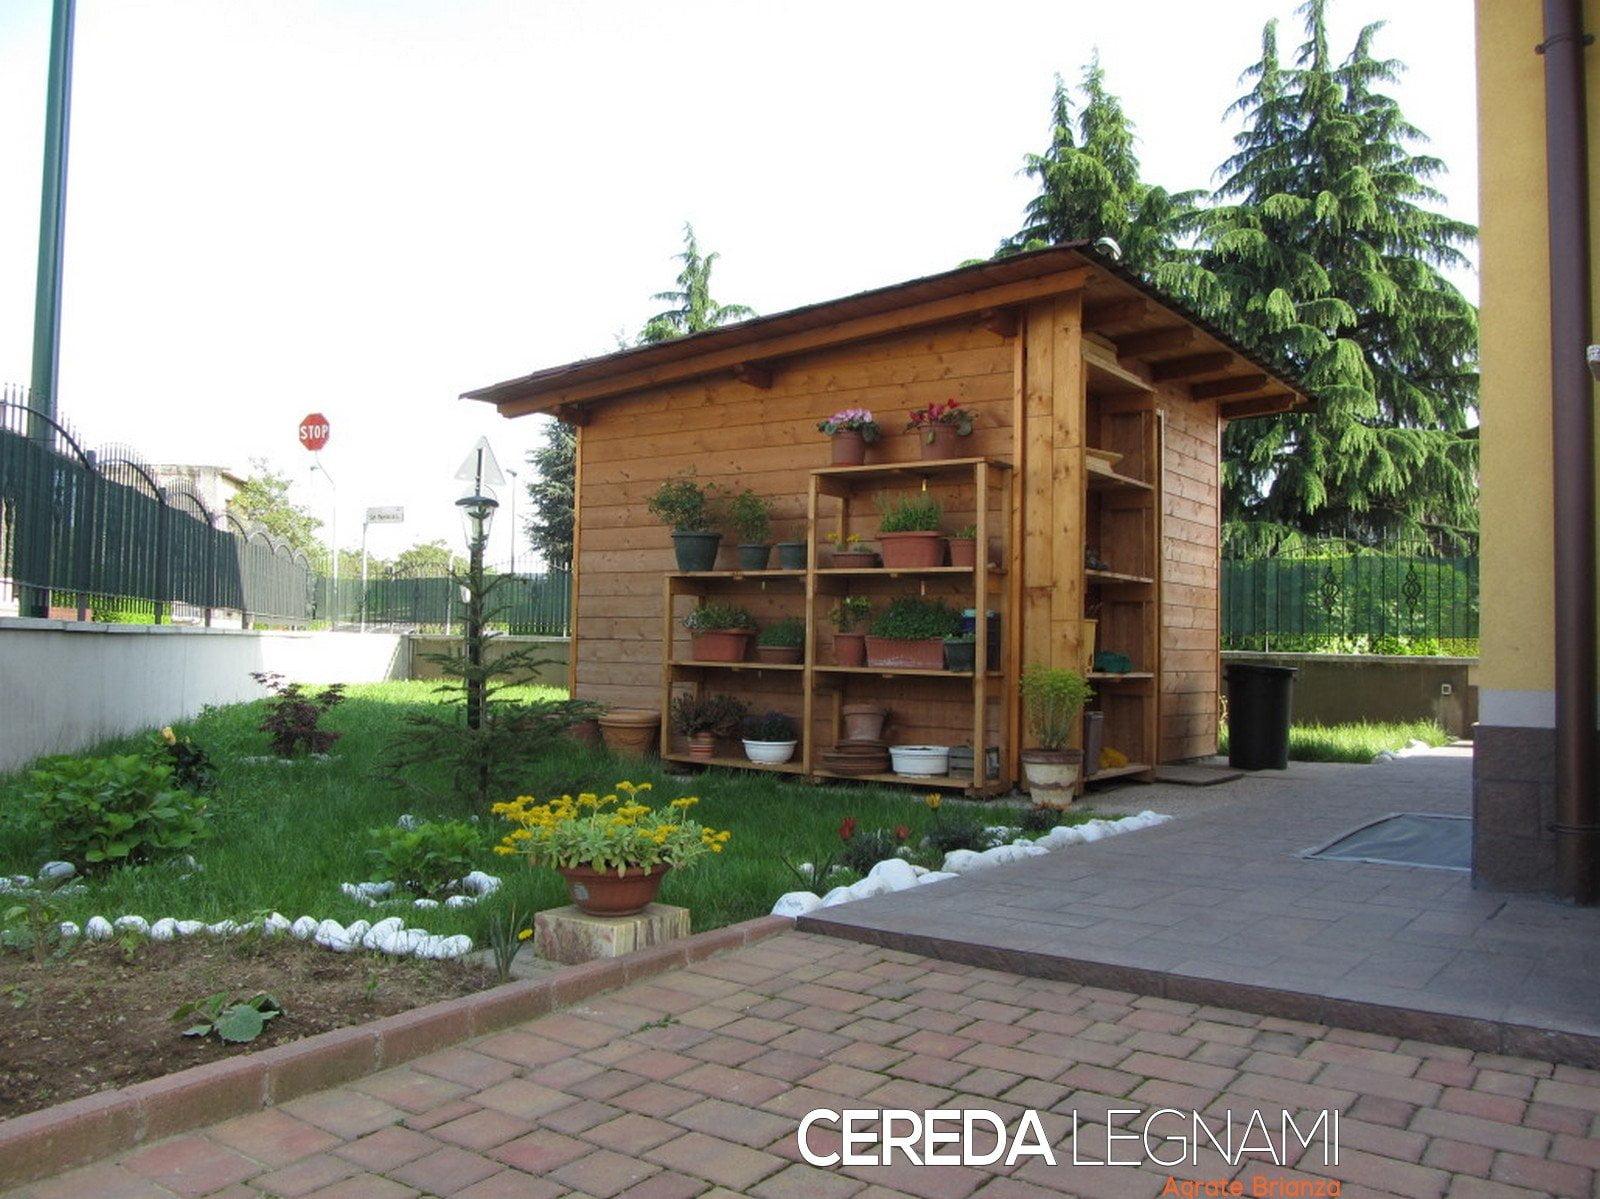 Mobili per esterno in legno milano : mobili per esterno in legno ...